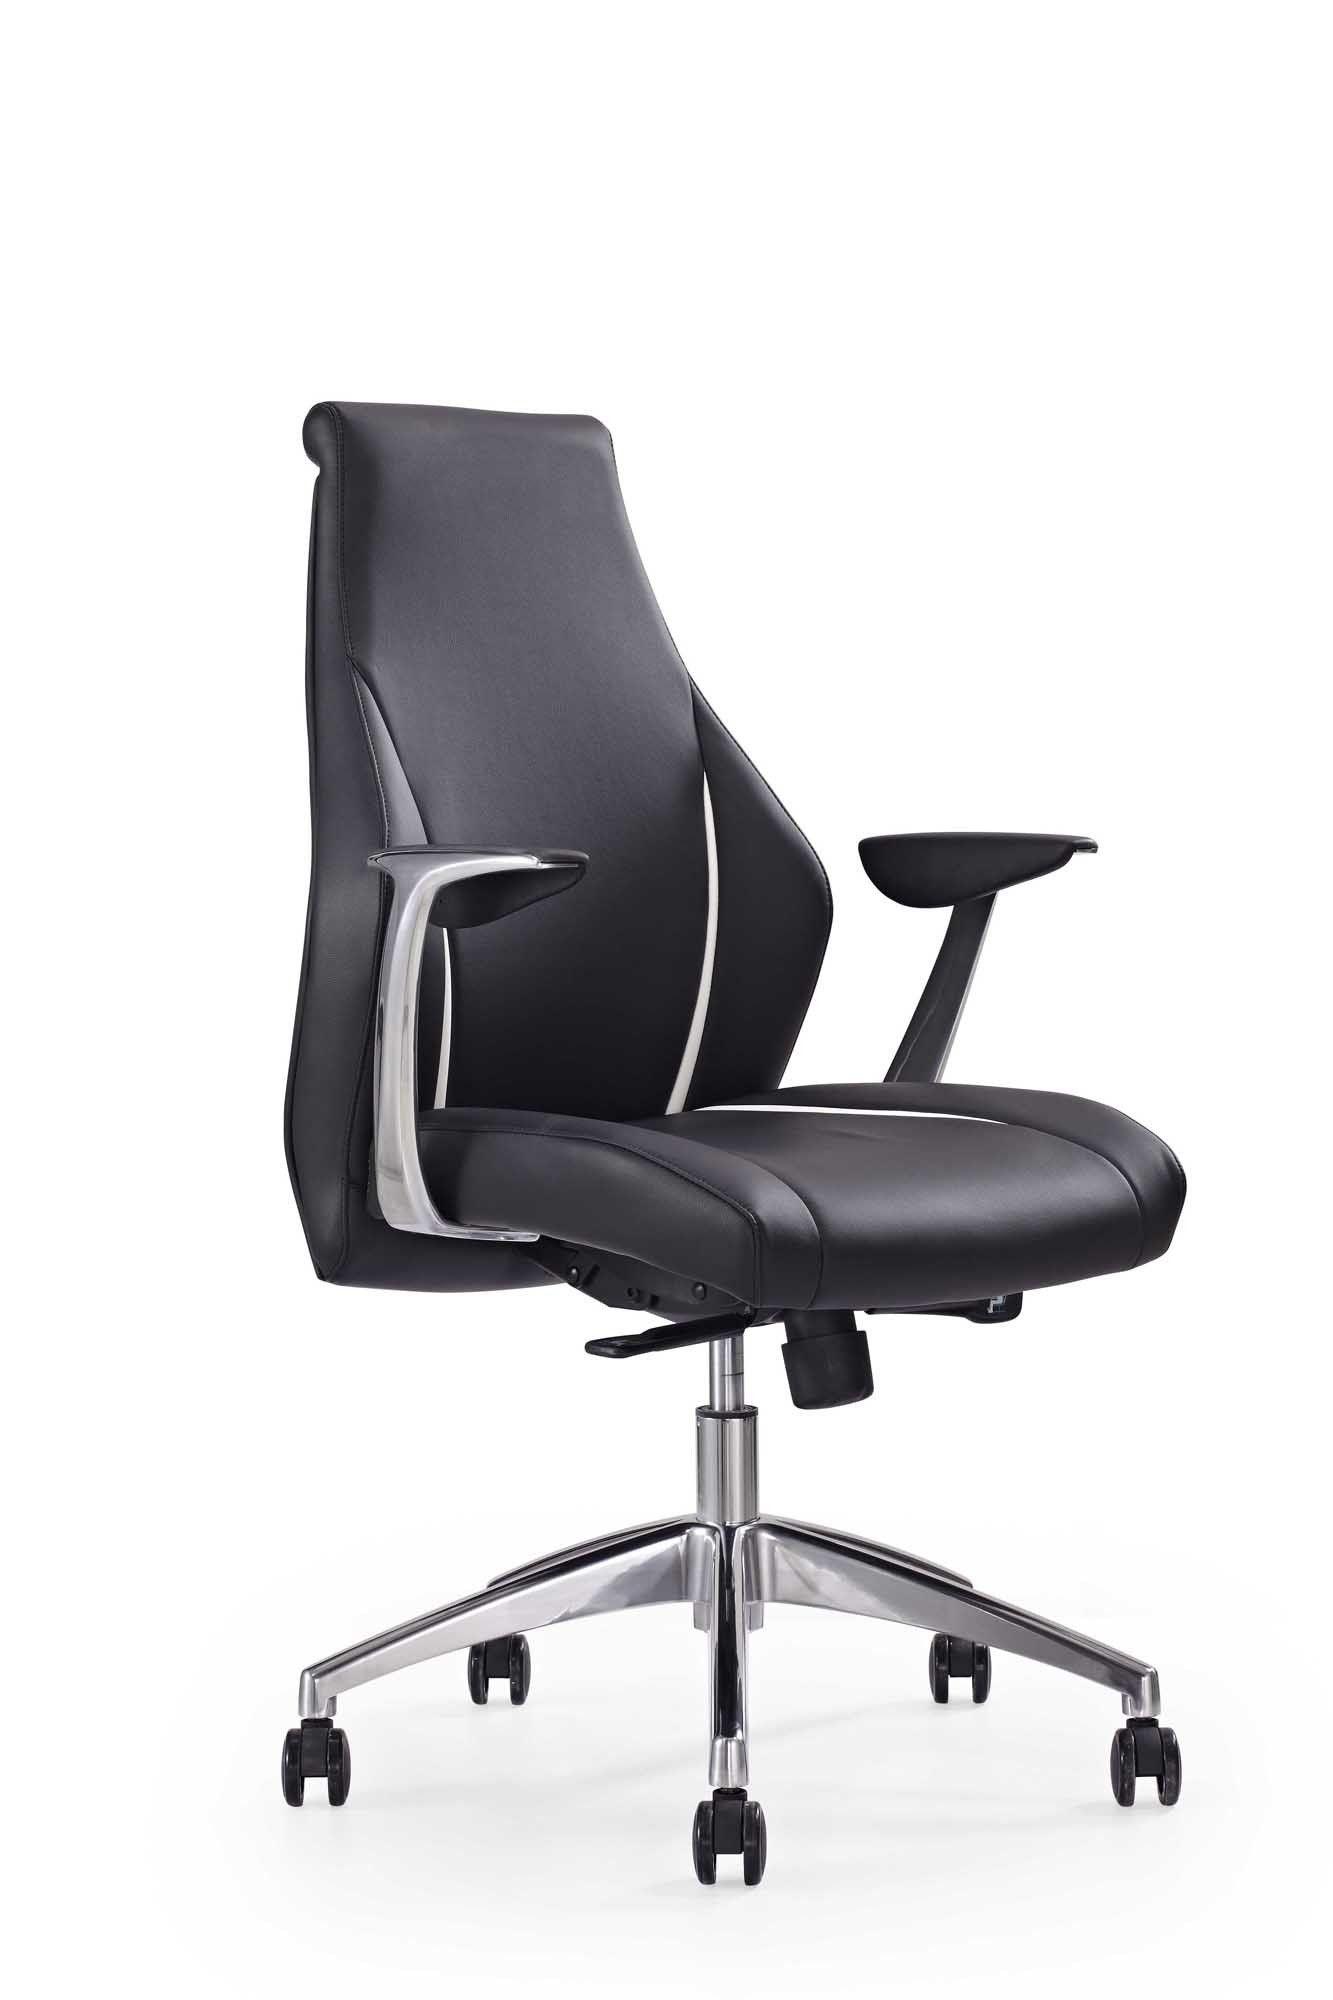 whiteline stanford low back office chair pinterest chrome